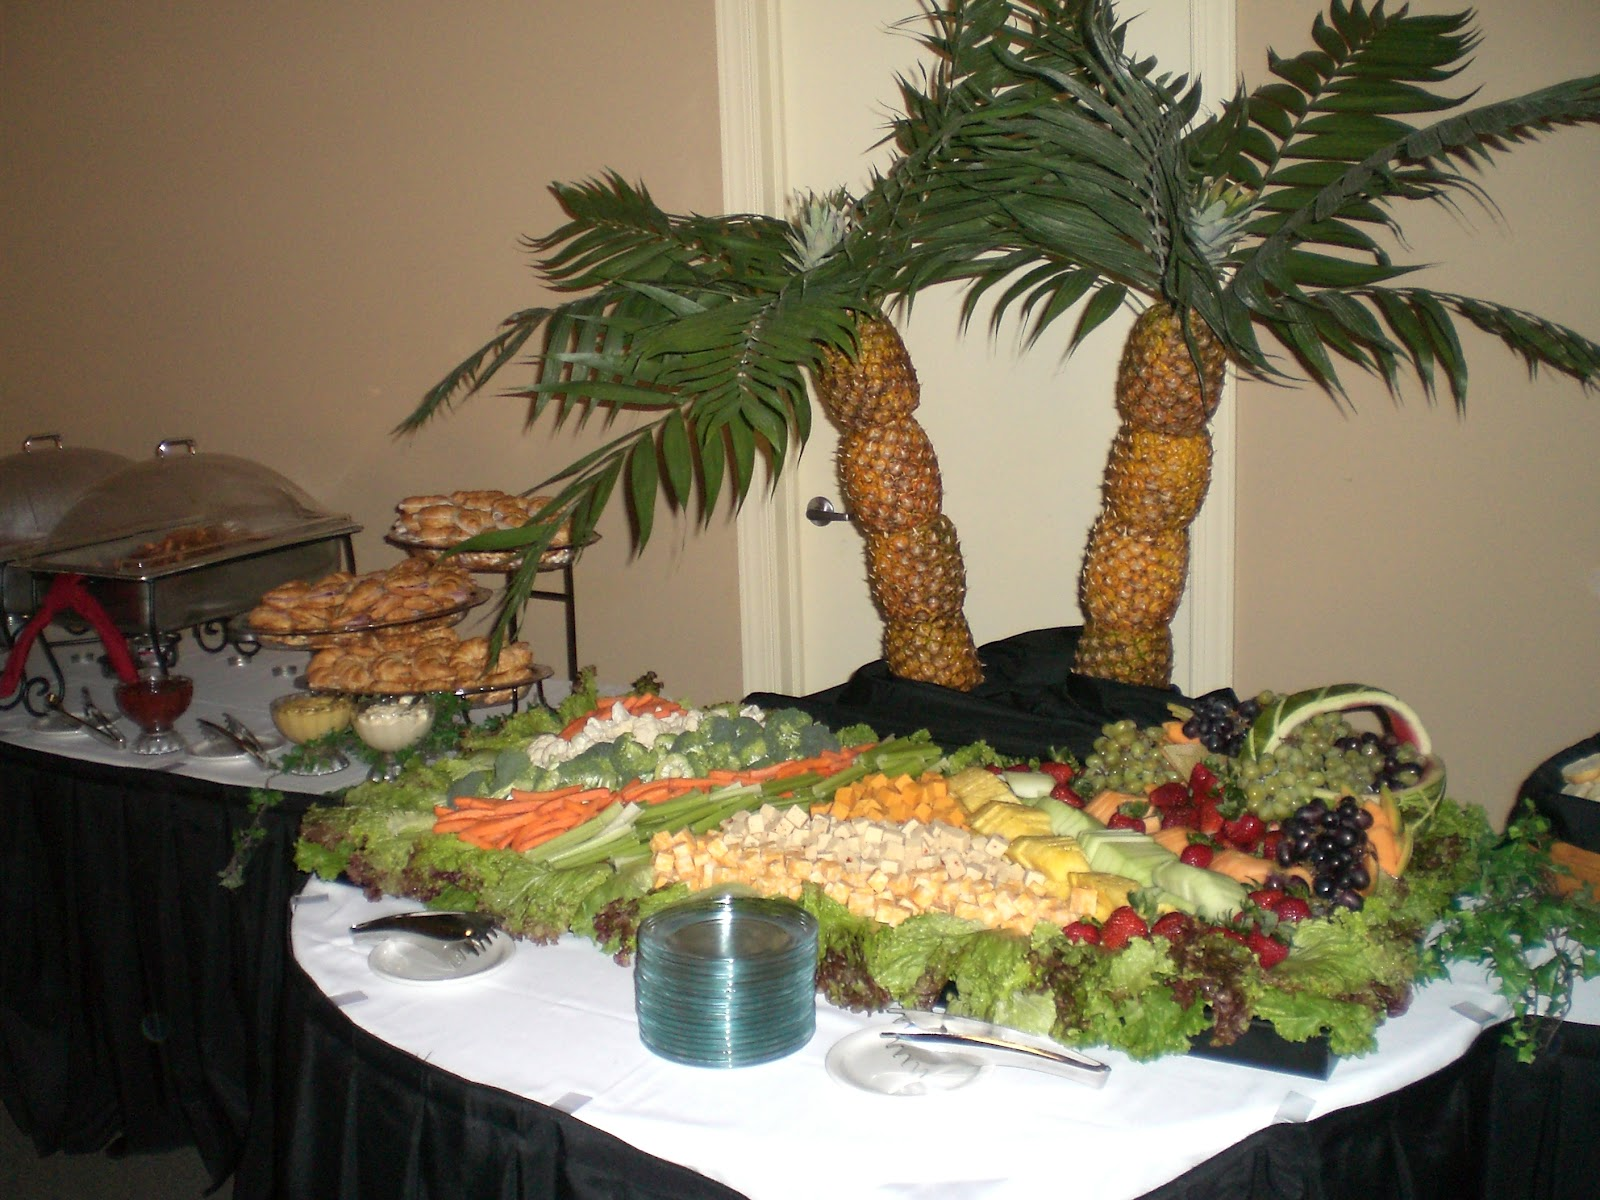 Fiestas con encanto centros realizados con verduras - Decorar pinas naturales ...